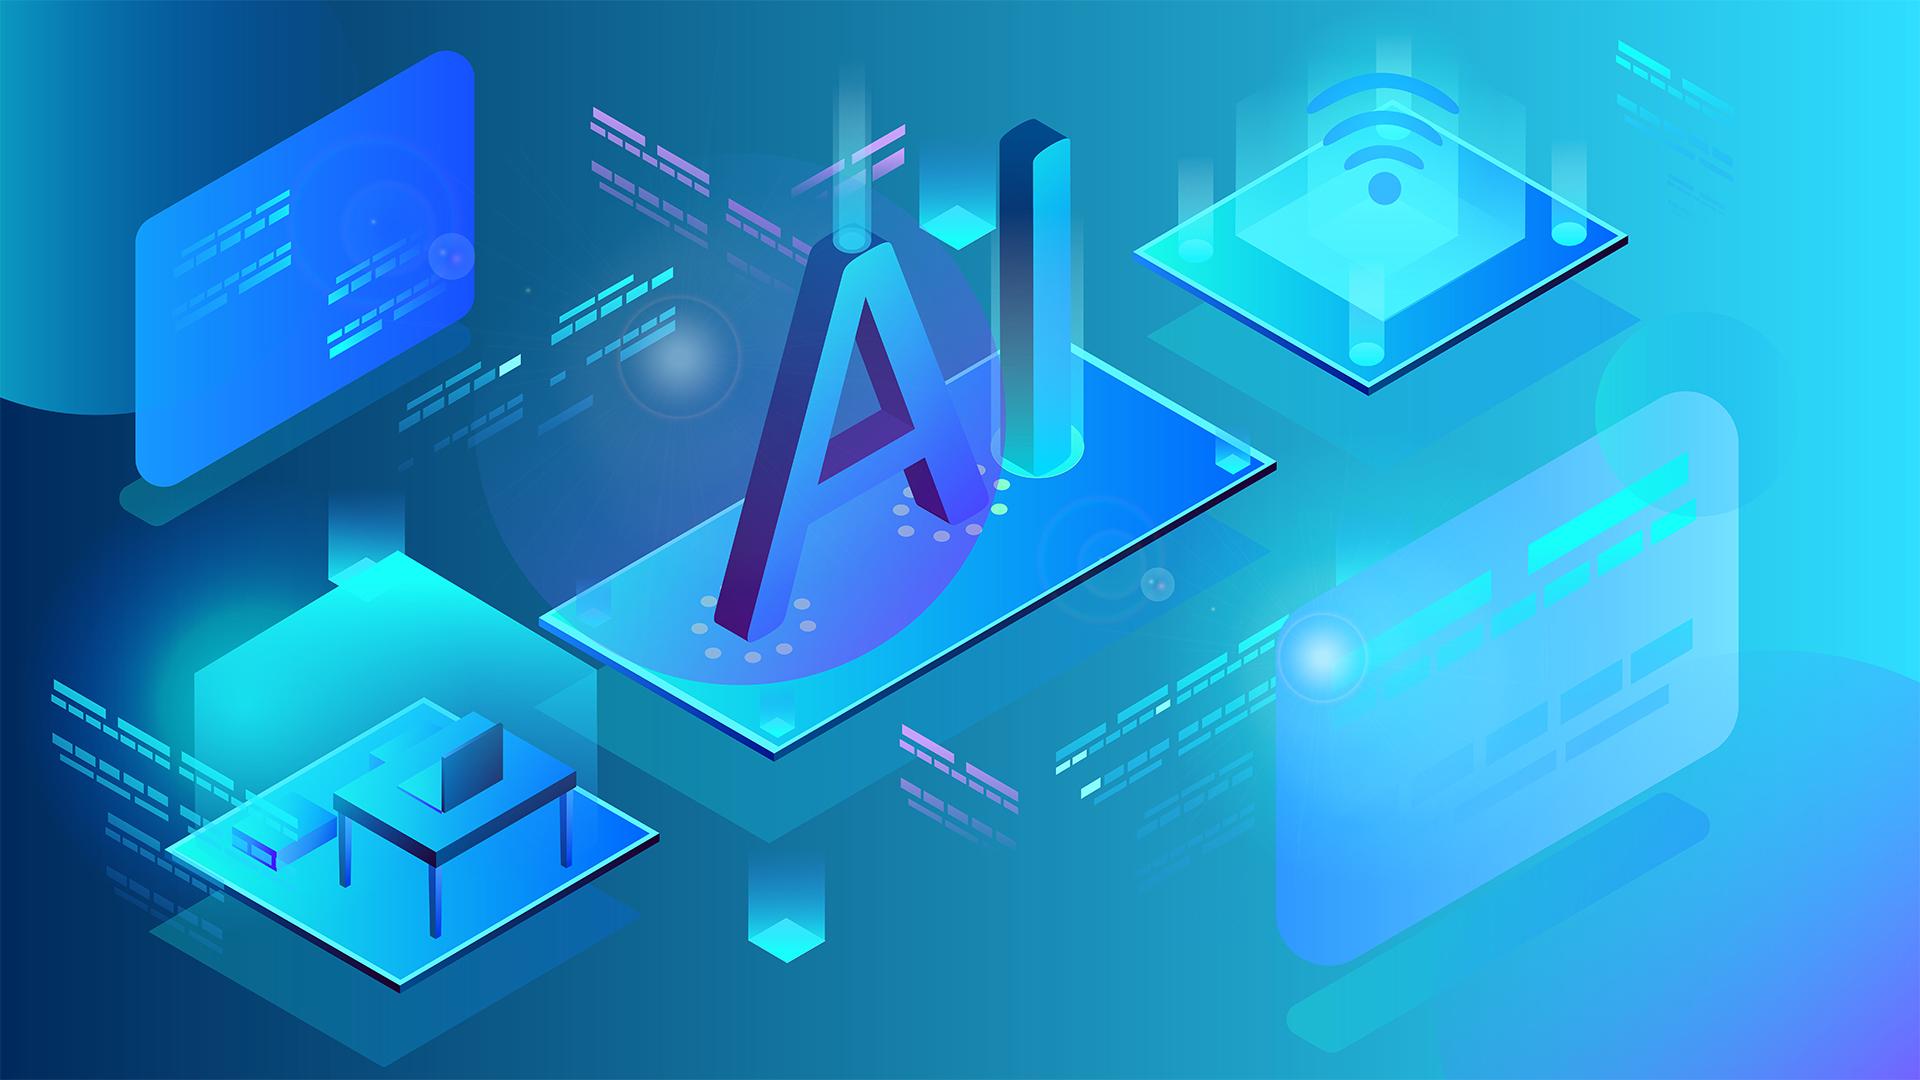 医准智能加入阿里AI平台,成为首批合作伙伴